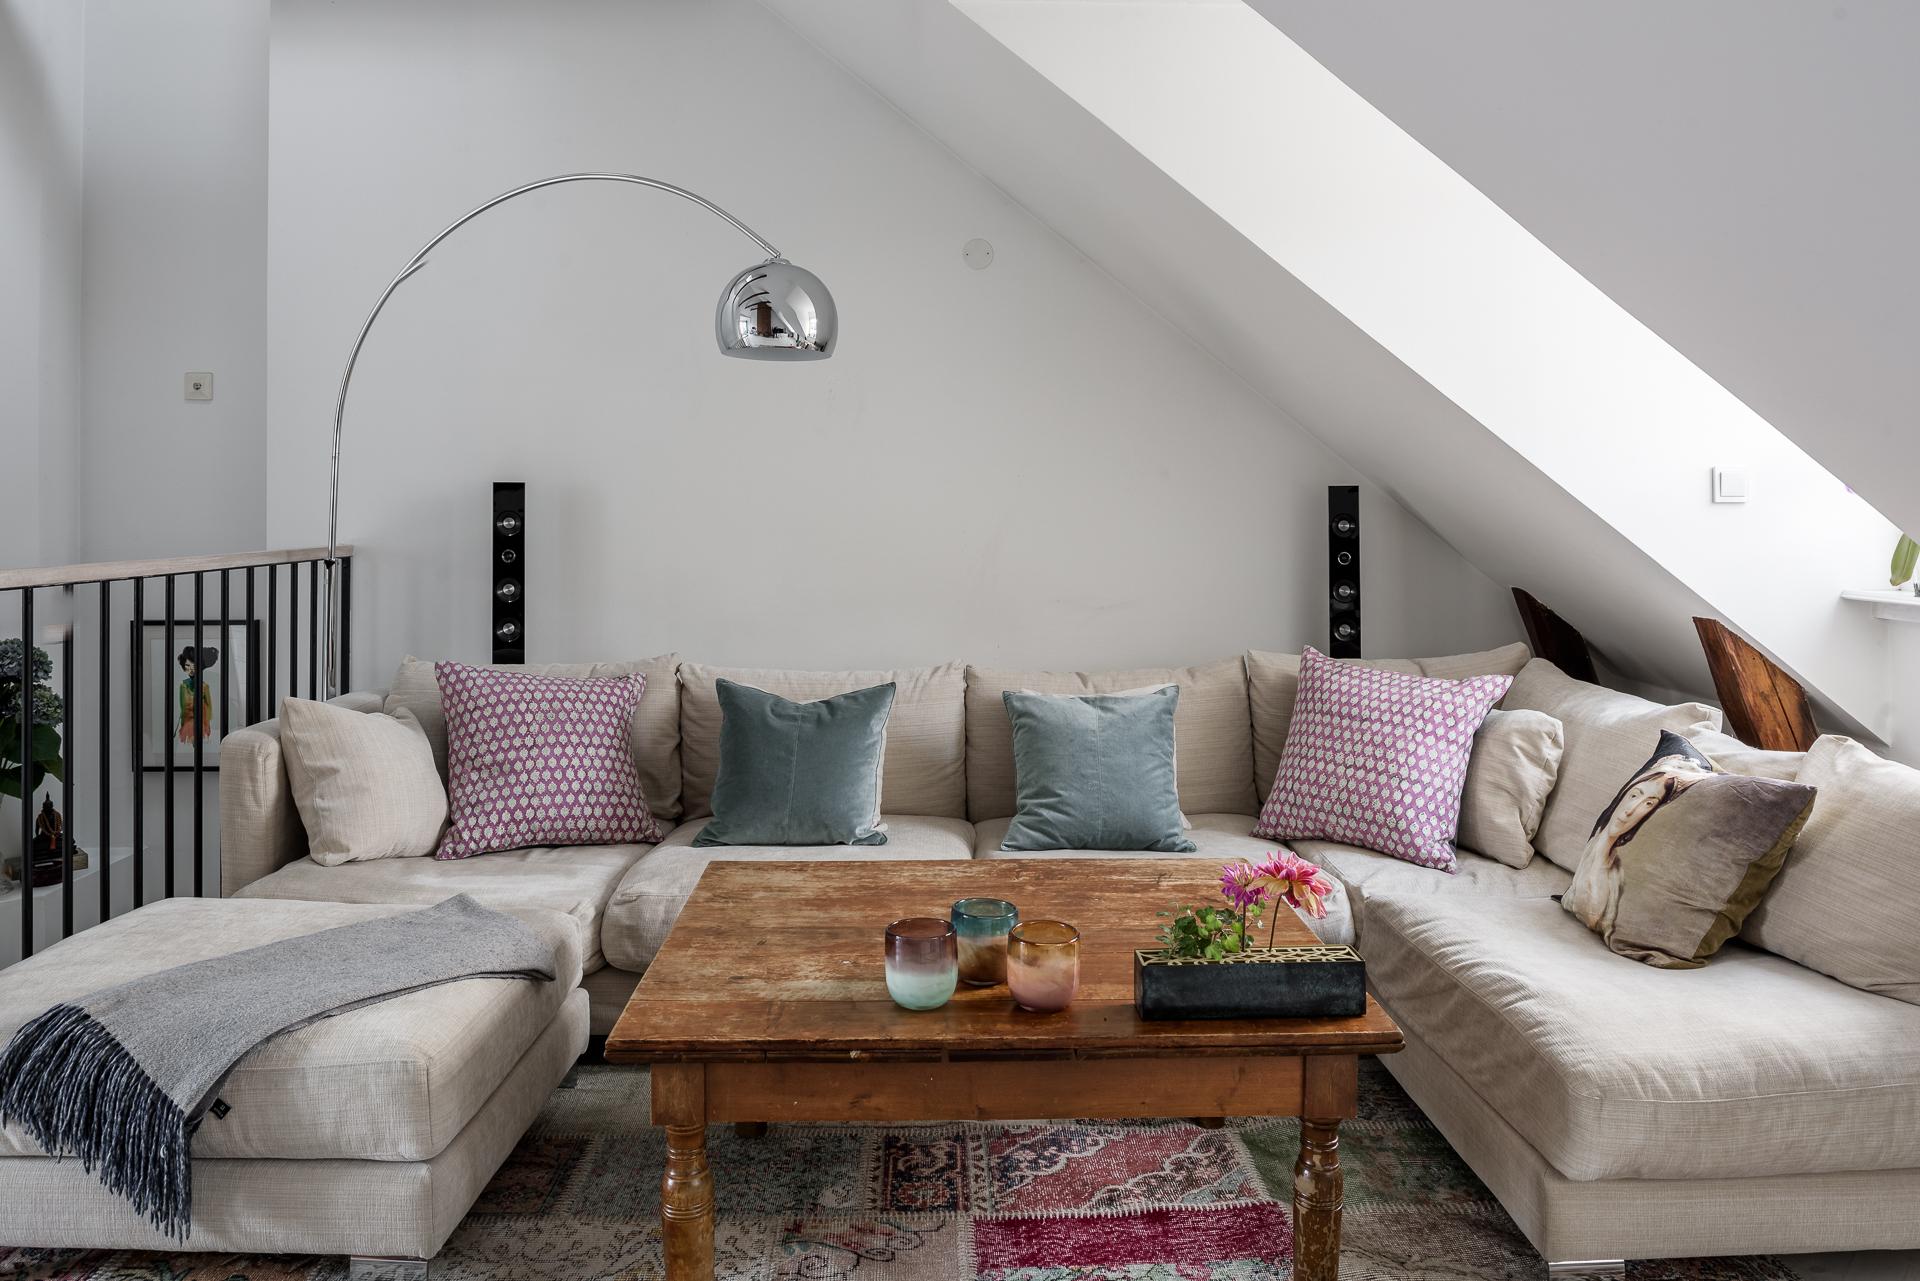 мансарда диван подушки